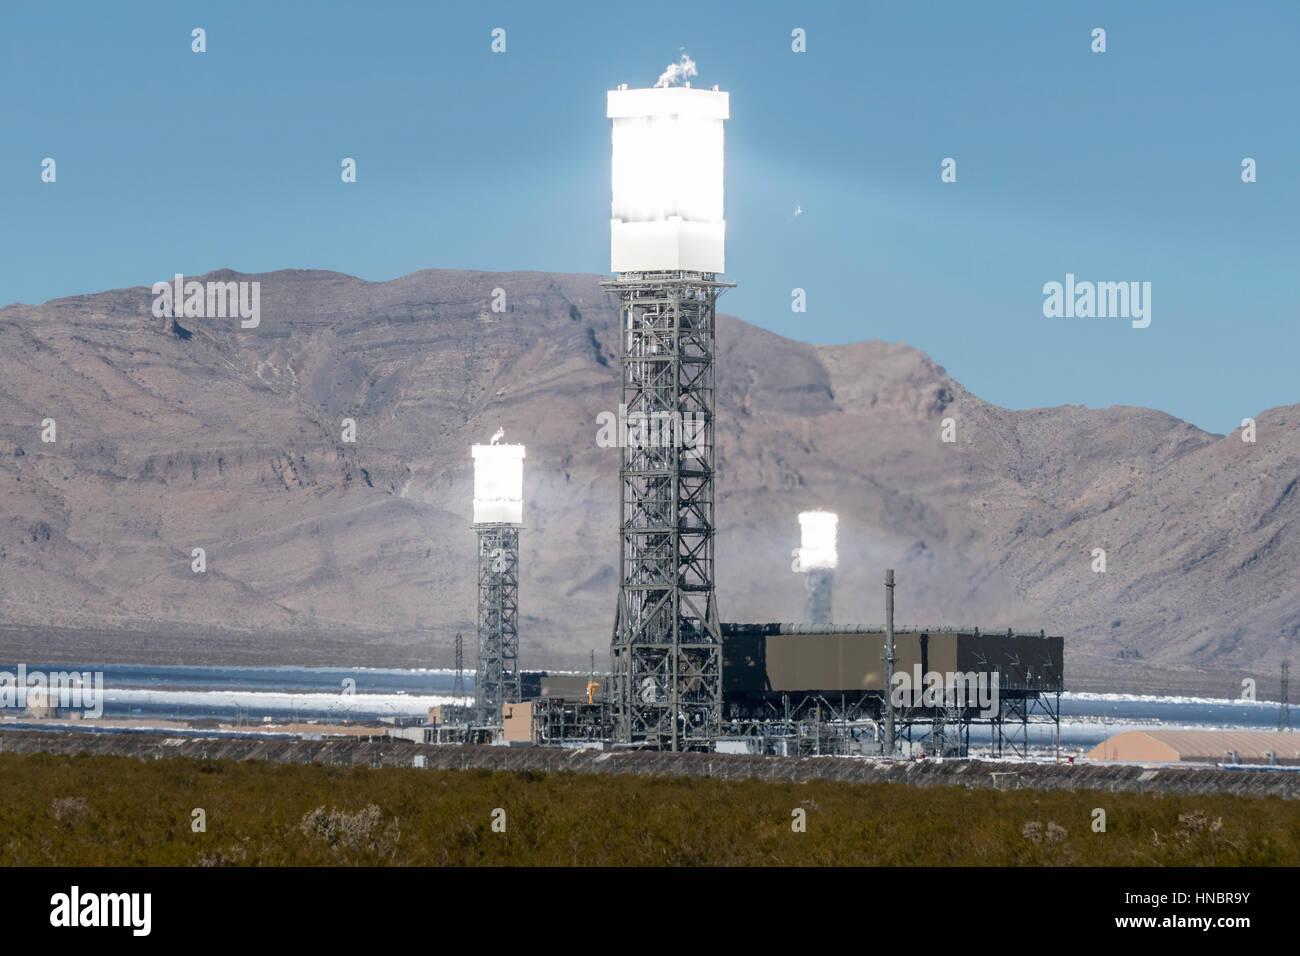 Ivanpah, California, USA - Noviembre 26, 2014: Enfocado espejos produciendo calor intenso brilla en el masivo 392 Imagen De Stock